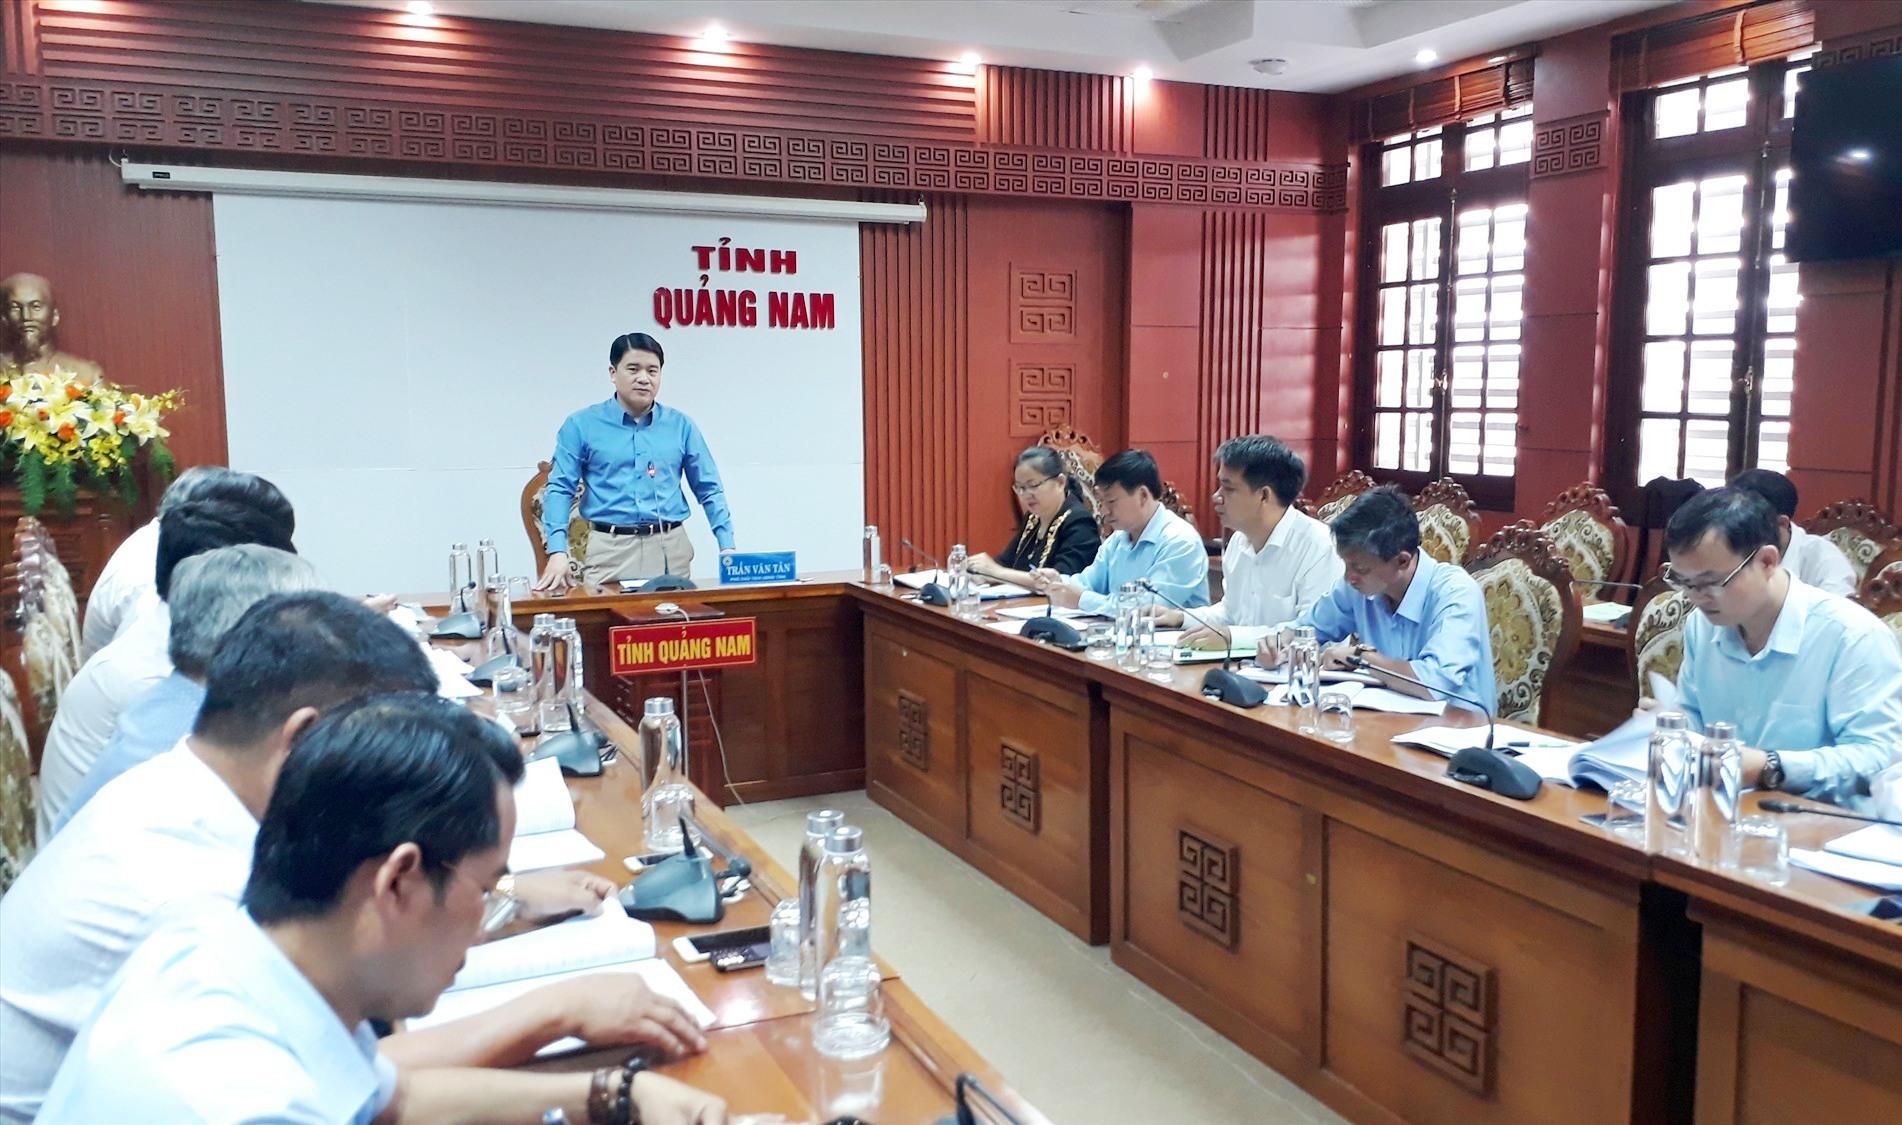 Phó Chủ tịch UBND tỉnh Trần Văn Tân phát biểu kết luận cuộc họp. Ảnh: X.P